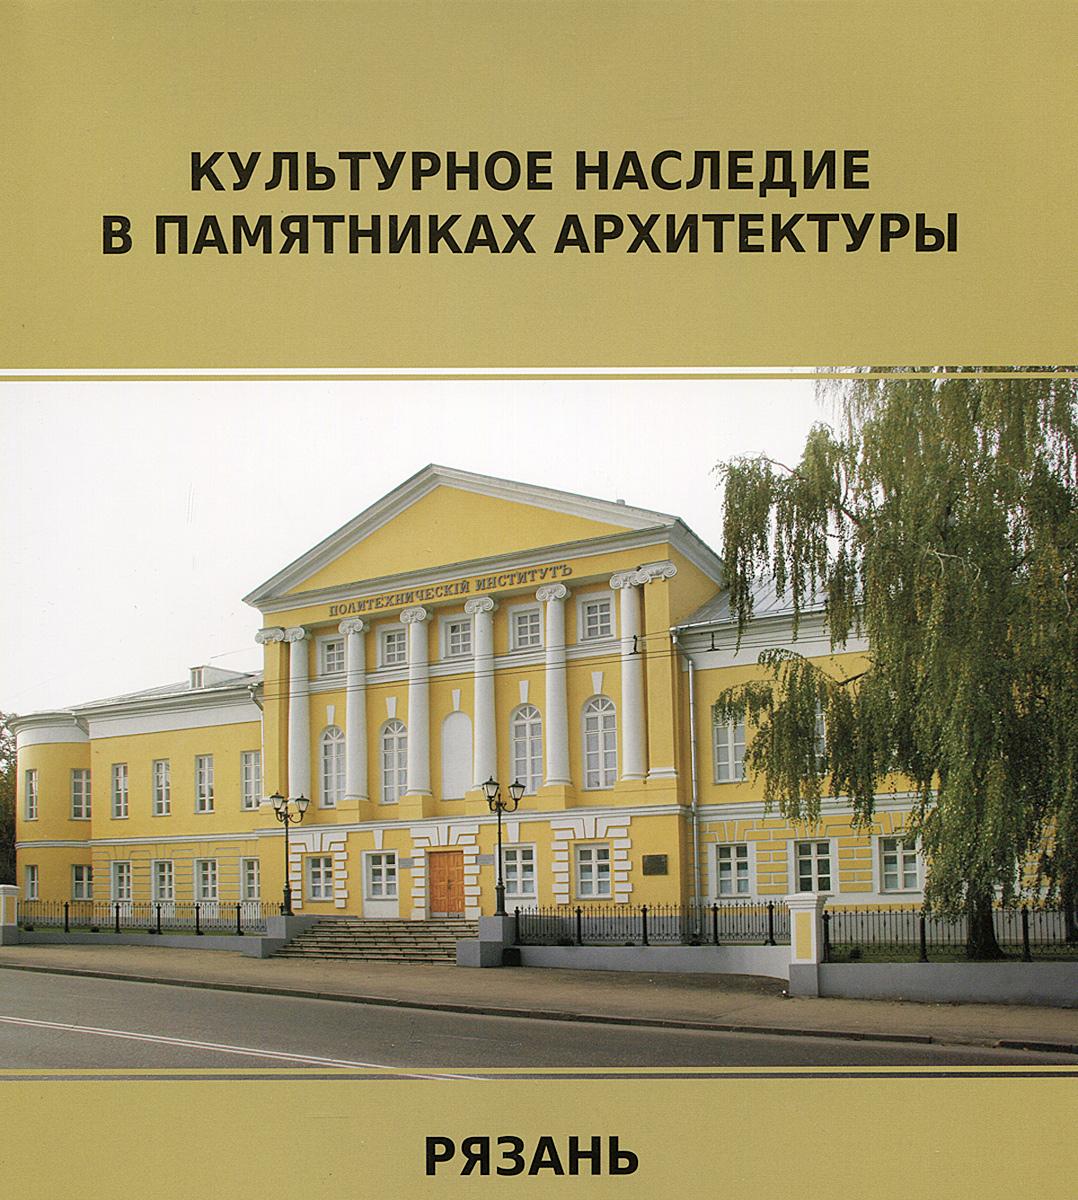 Рязань. Культурное наследие в памятниках архитектуры